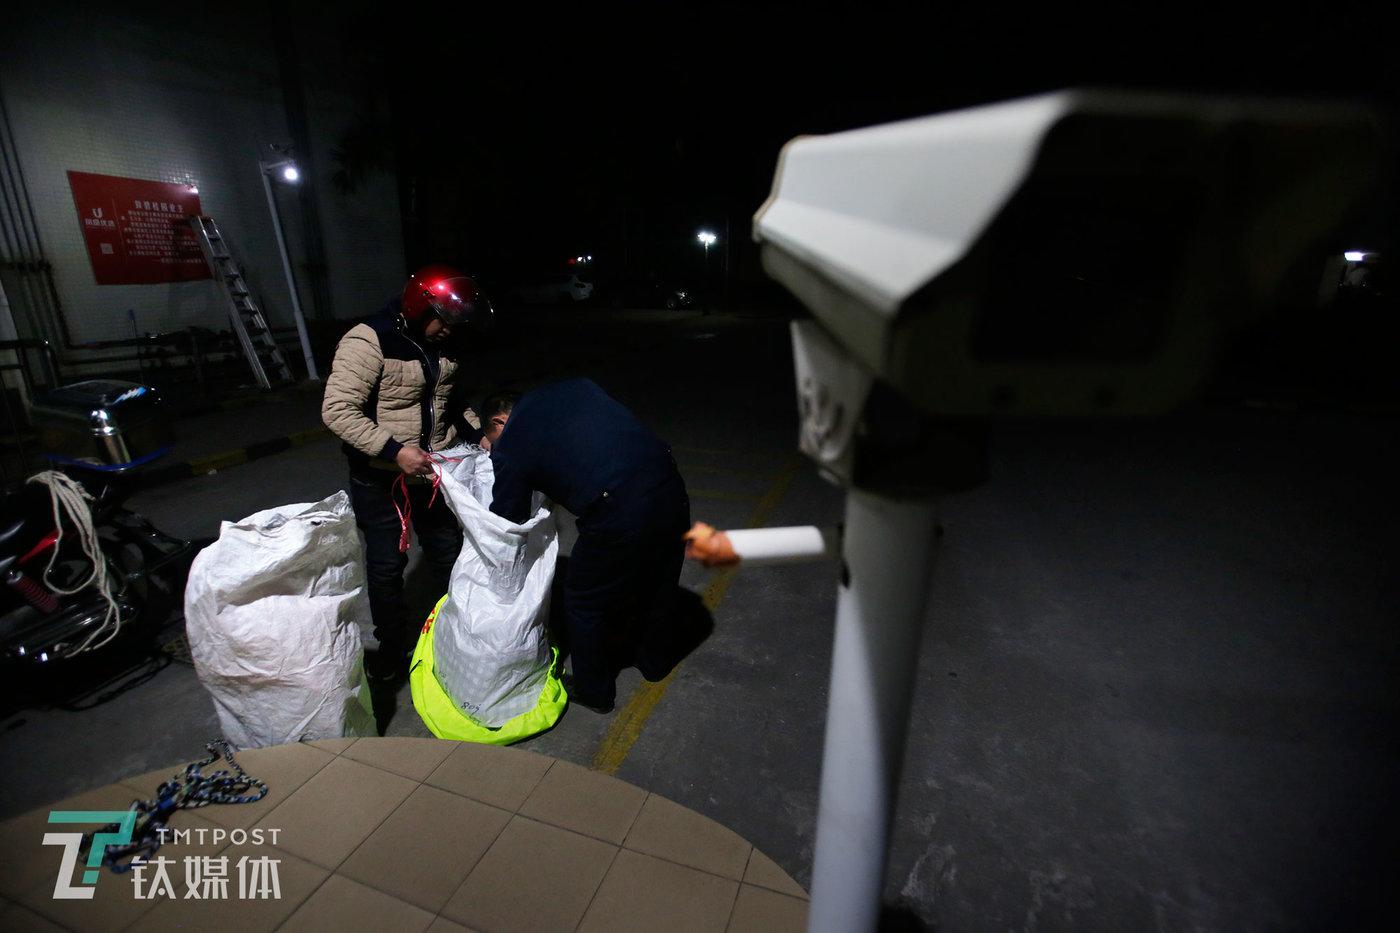 宿舍大门,值夜保安检查苏宏杰的行李。工人携带大件行李物品出宿舍区,都要接受这样的例行检查。